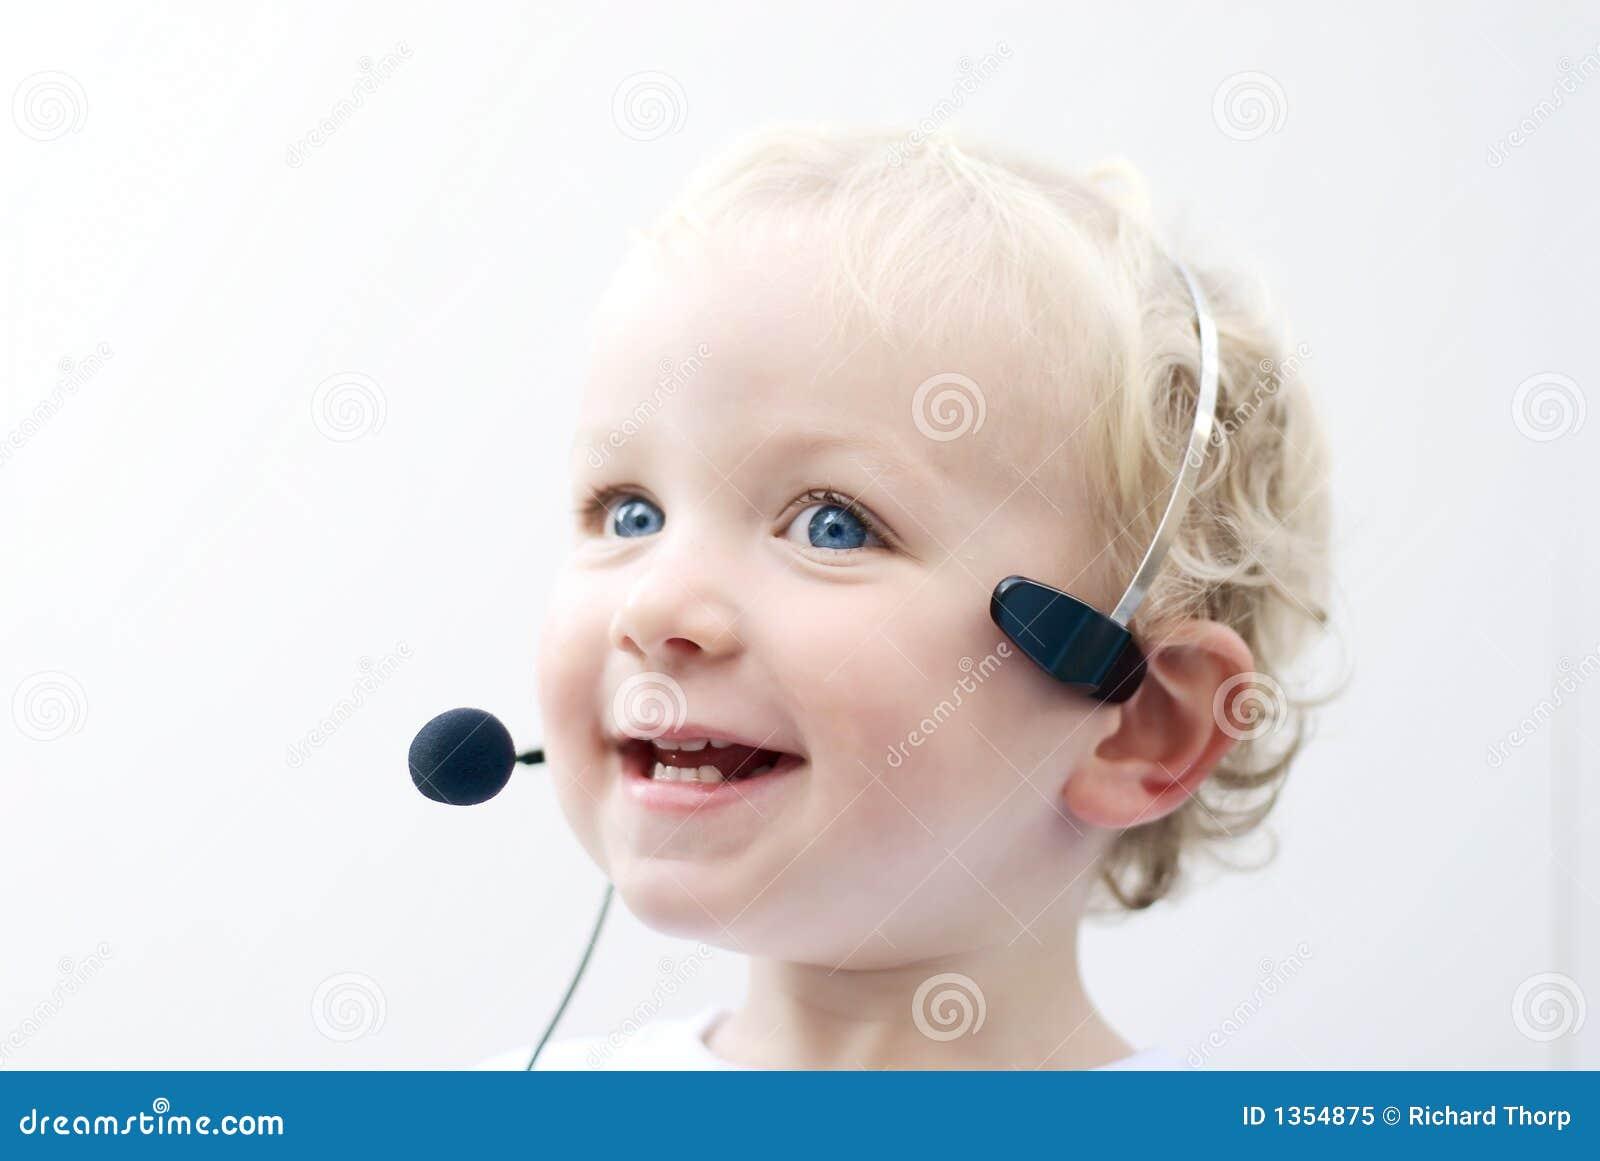 Auriculares desgastando do telefone do menino novo